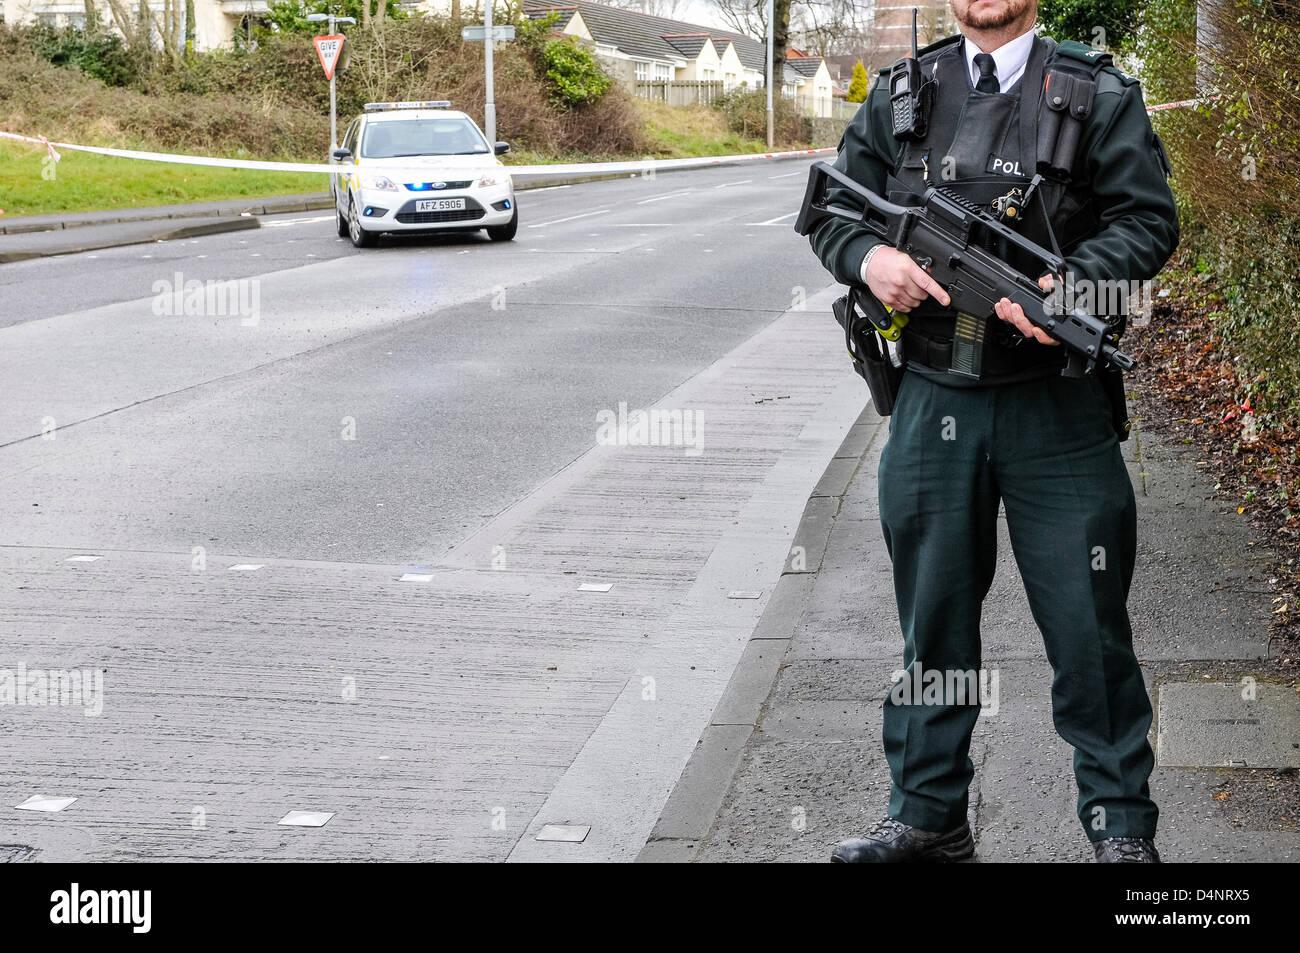 Un Servicio de Policía de Irlanda del Norte (PSNI) oficial de policía armado con una Heckler y Koch fusil Imagen De Stock